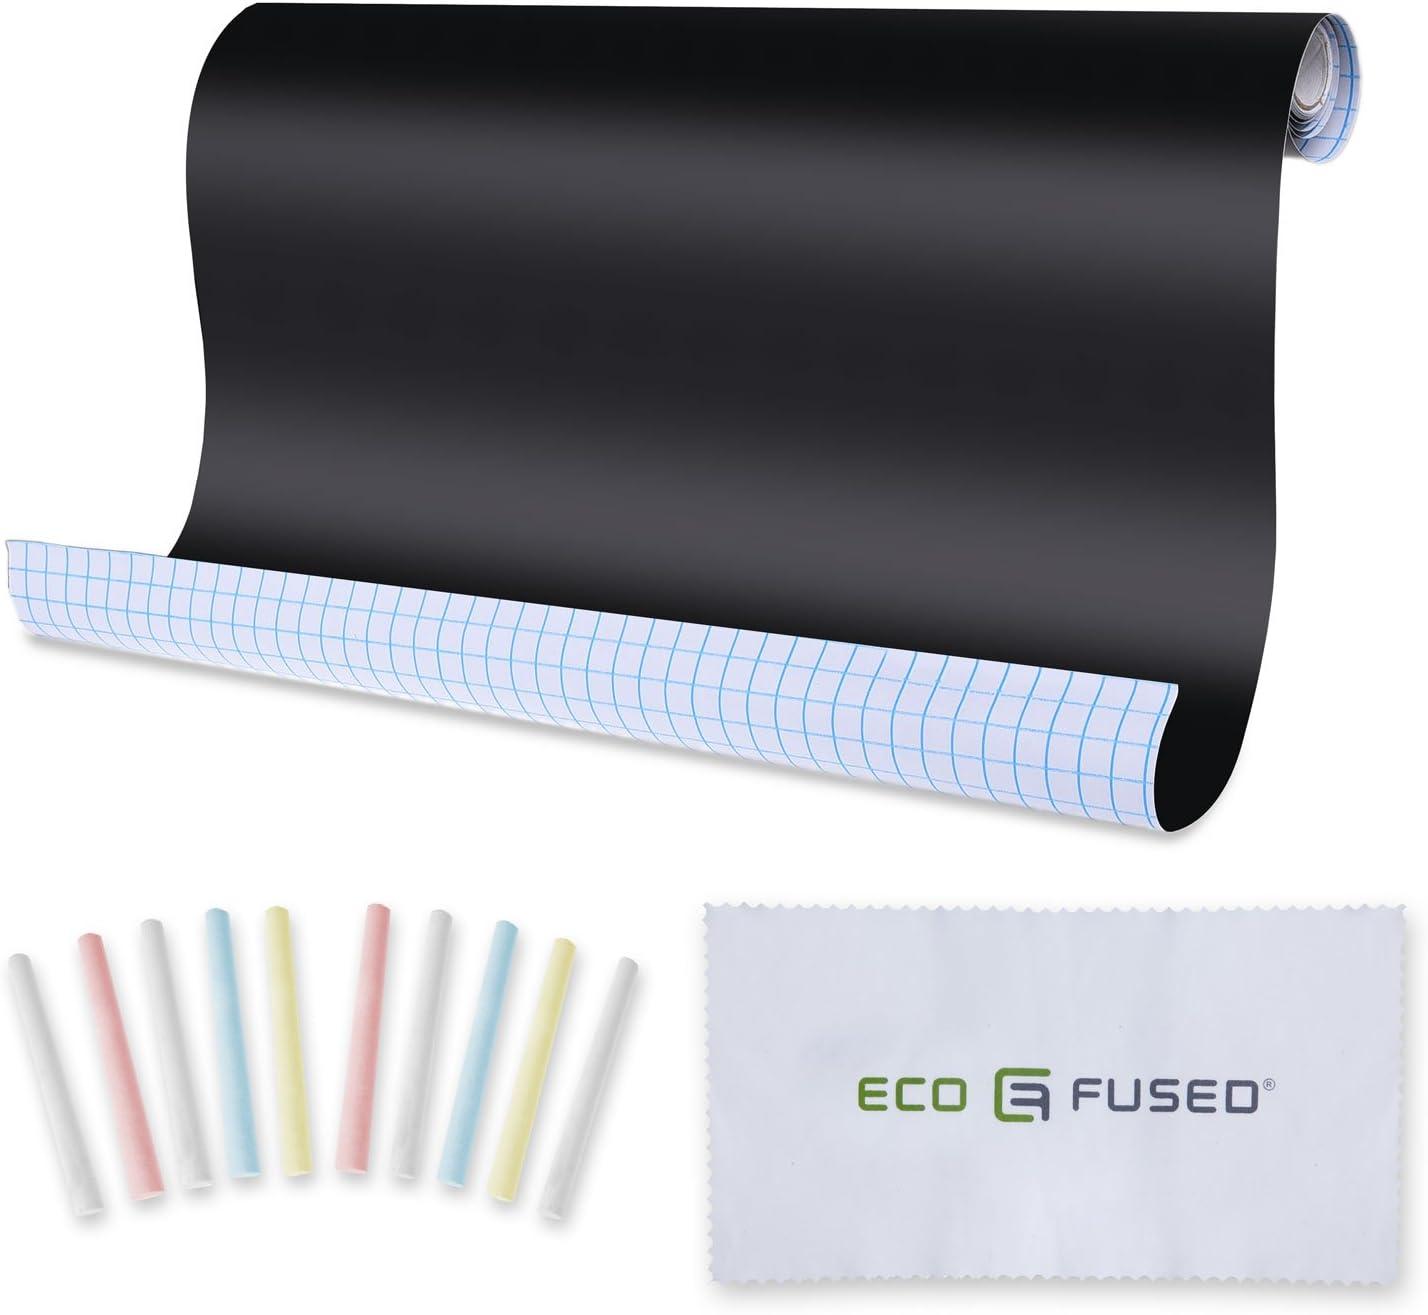 Adhesivo Tiza Papel 3 Paquete de 198 x 46 cm con 10 Tizas y borrador de tela – cortado en cualquier forma y se aplican – Personalizable y extraíble – Ideal para mensajes, listas de tareas pendientes,